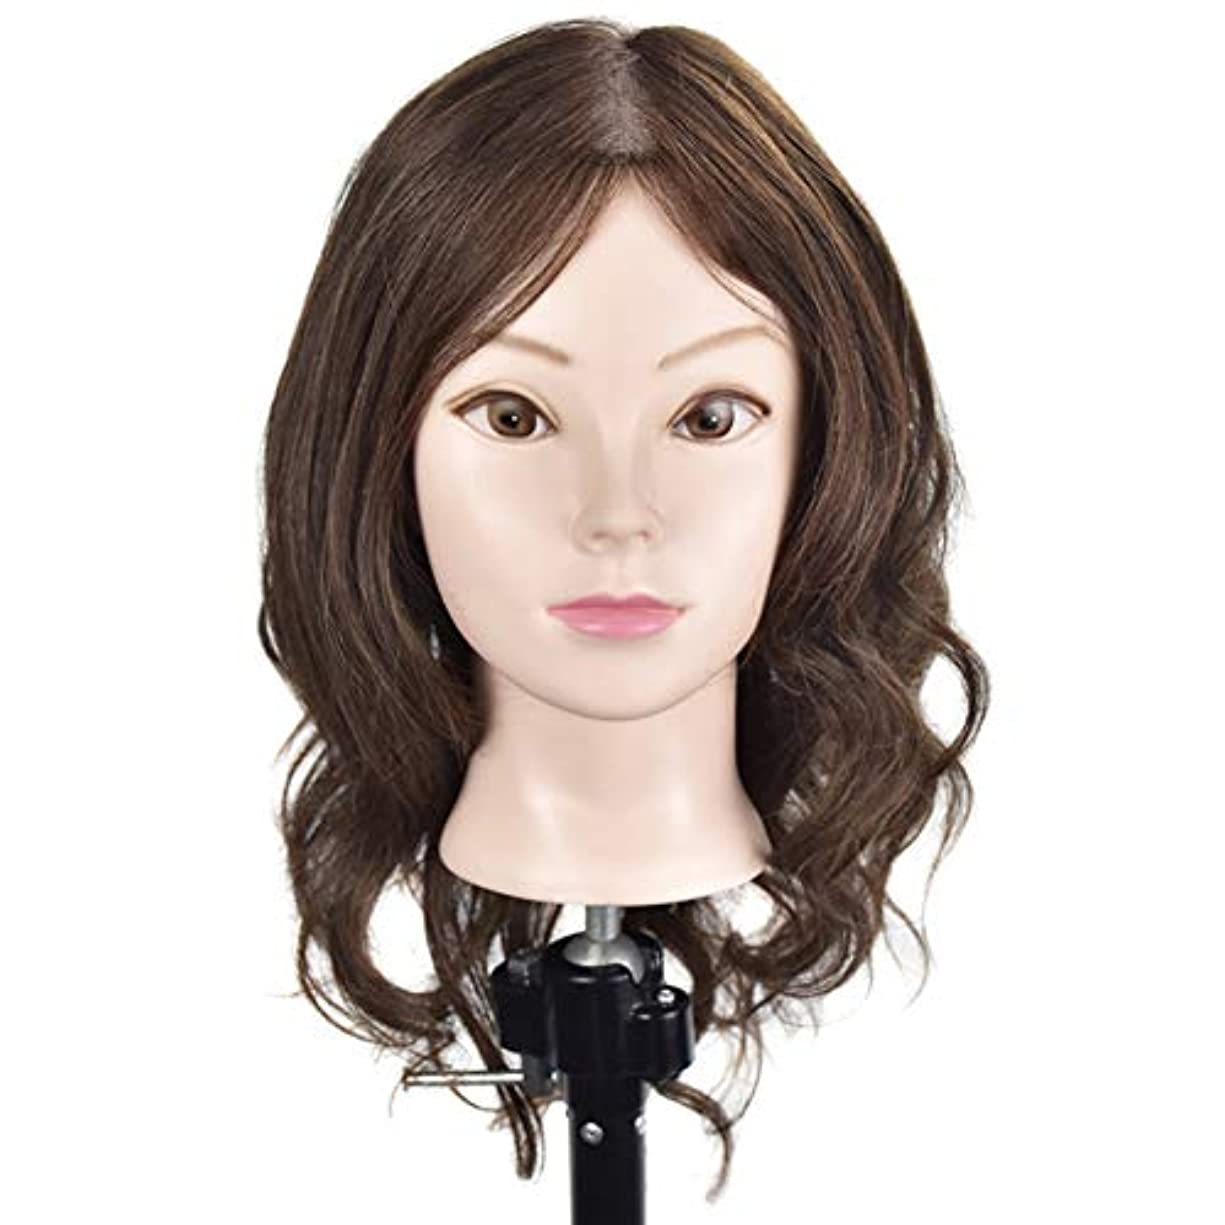 粘土良さ青専門の練習ホット染色漂白はさみモデリングマネキン髪編組髪かつら女性モデルティーチングヘッド